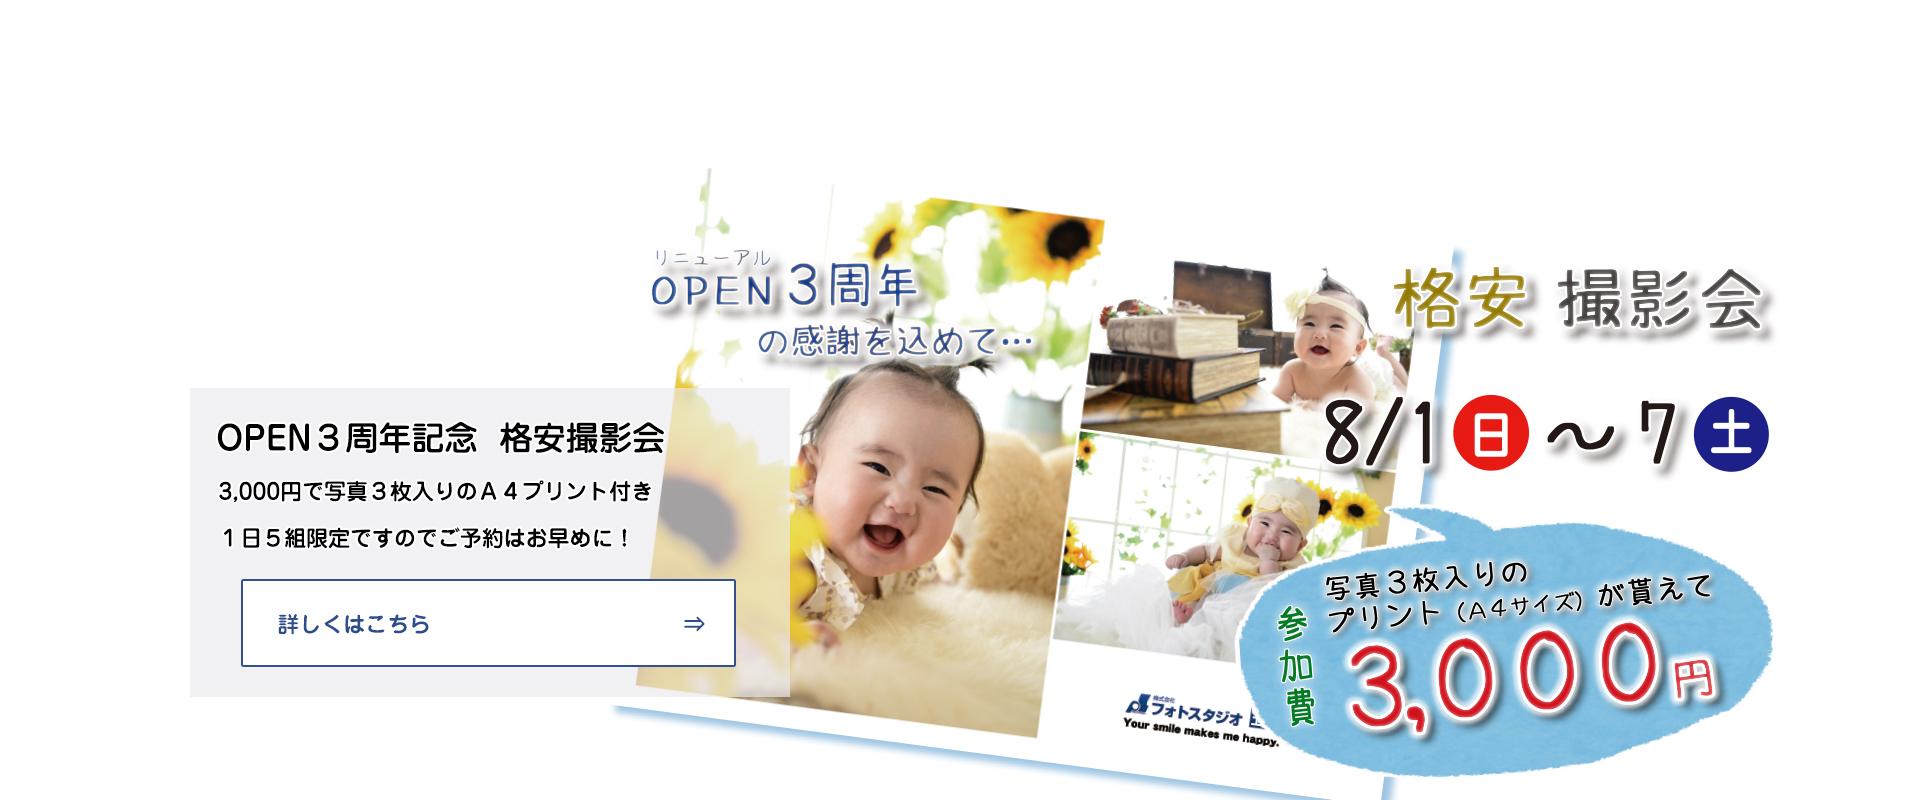 3,000円で撮影・A3プリントプレゼント!!